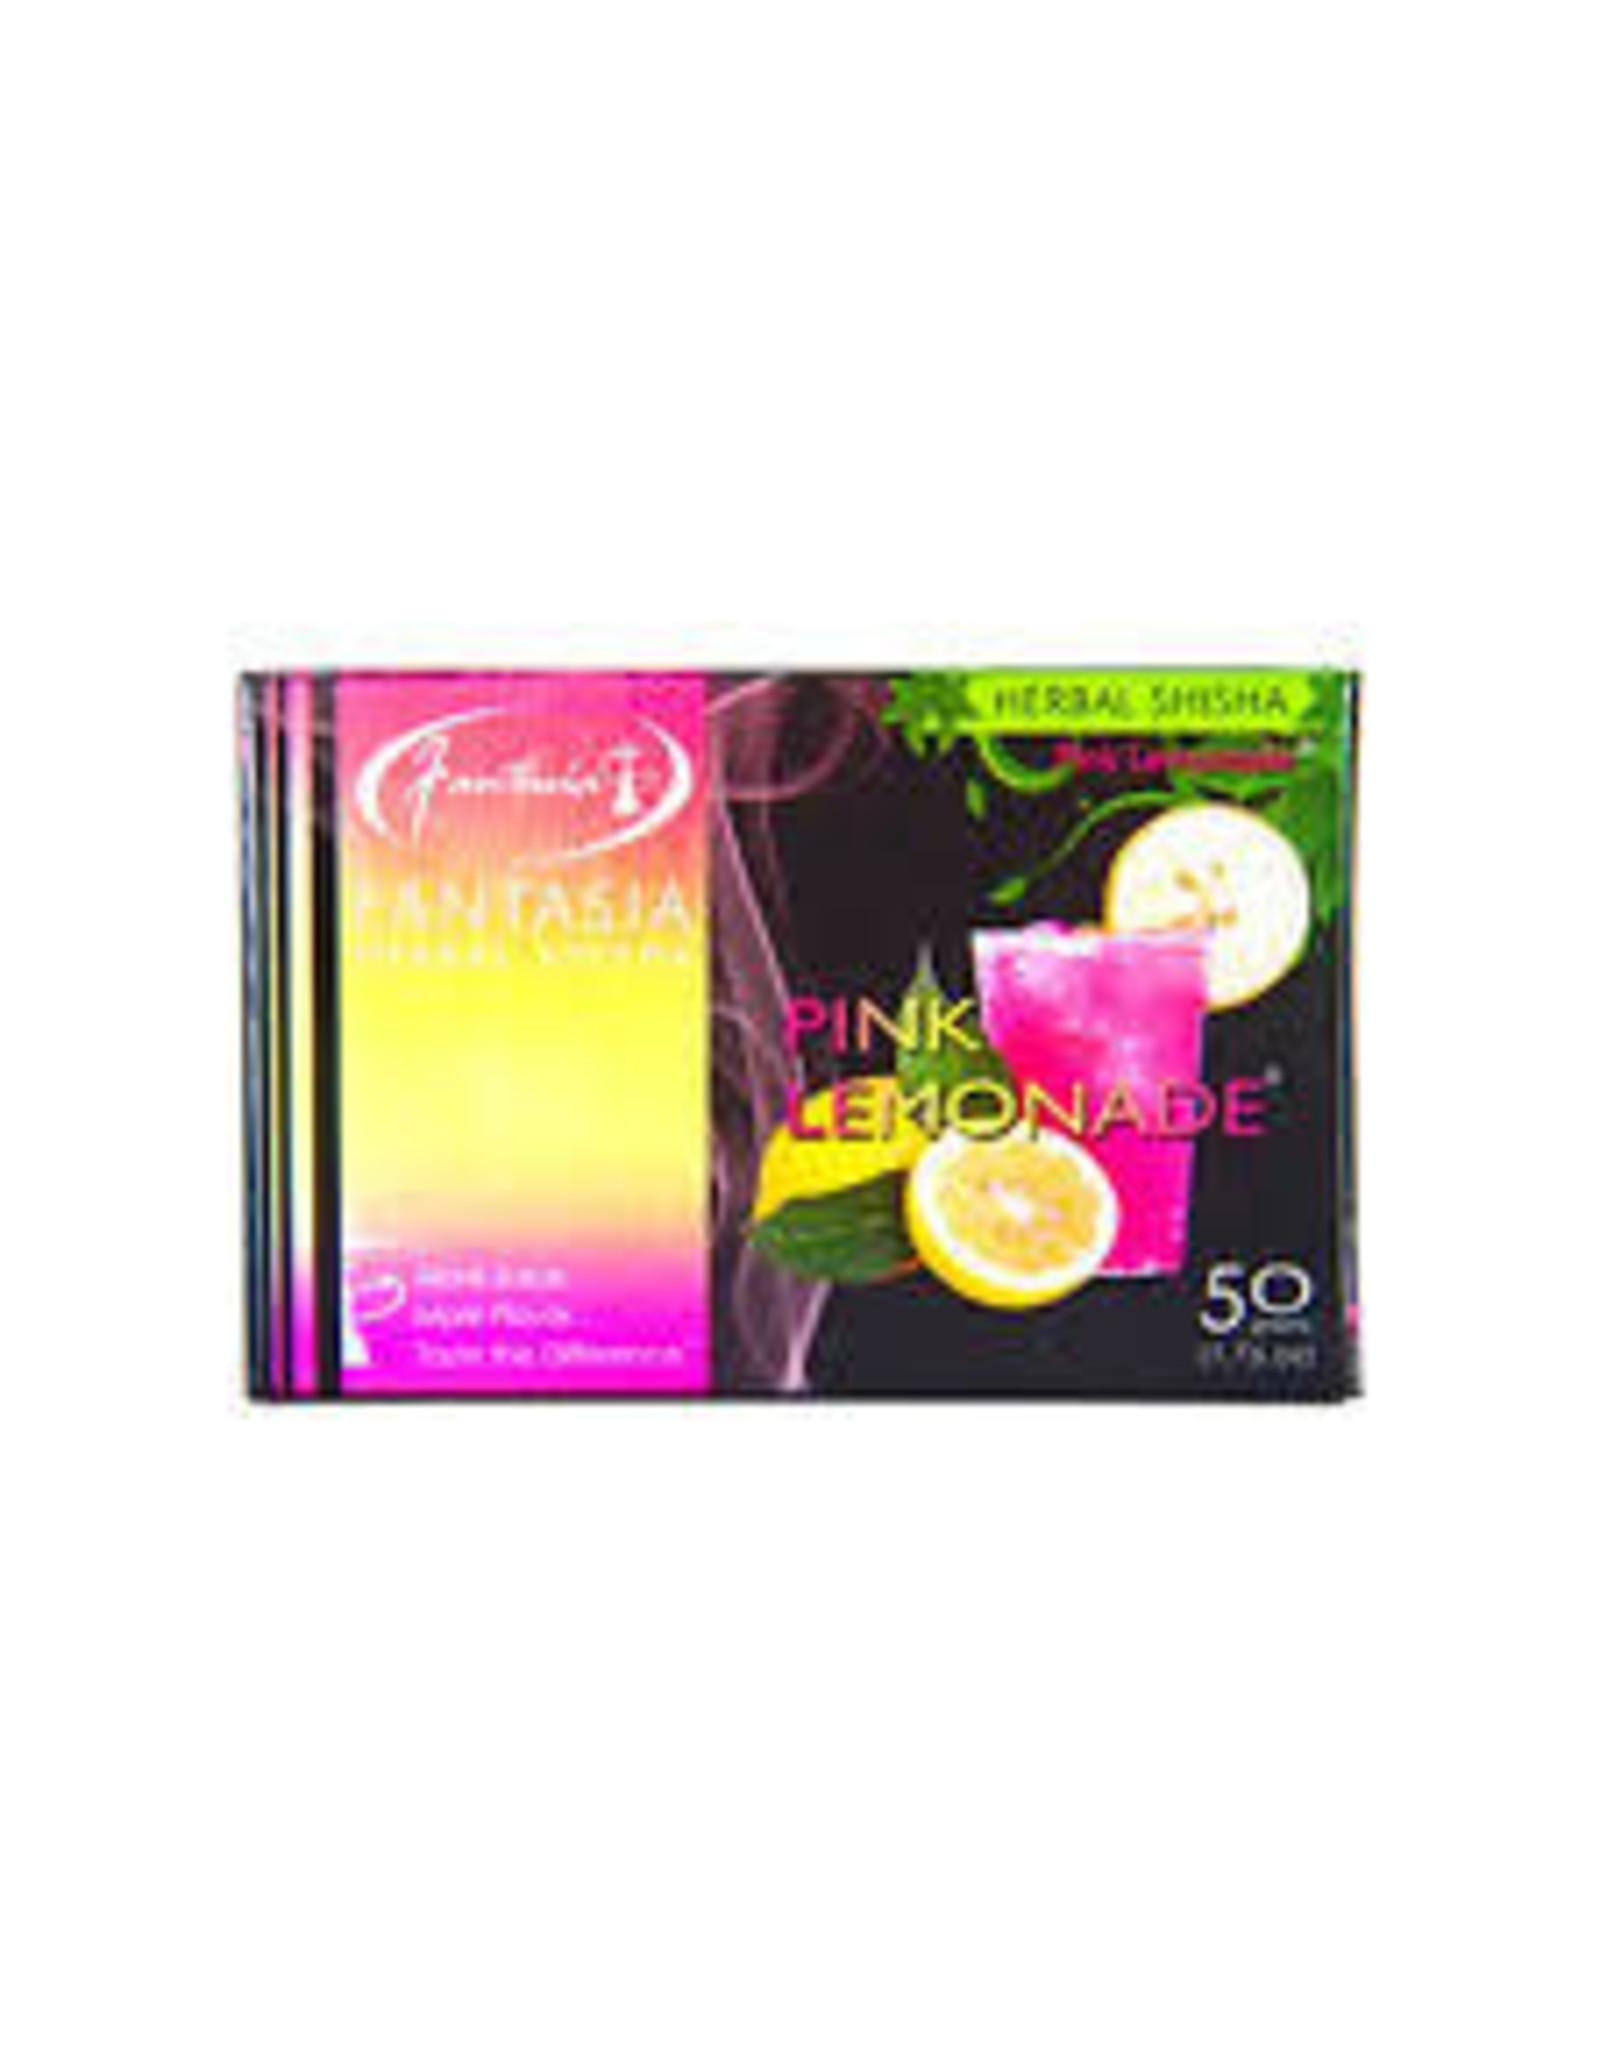 50g Fantasia Herbal Shisha Pink Lemonade